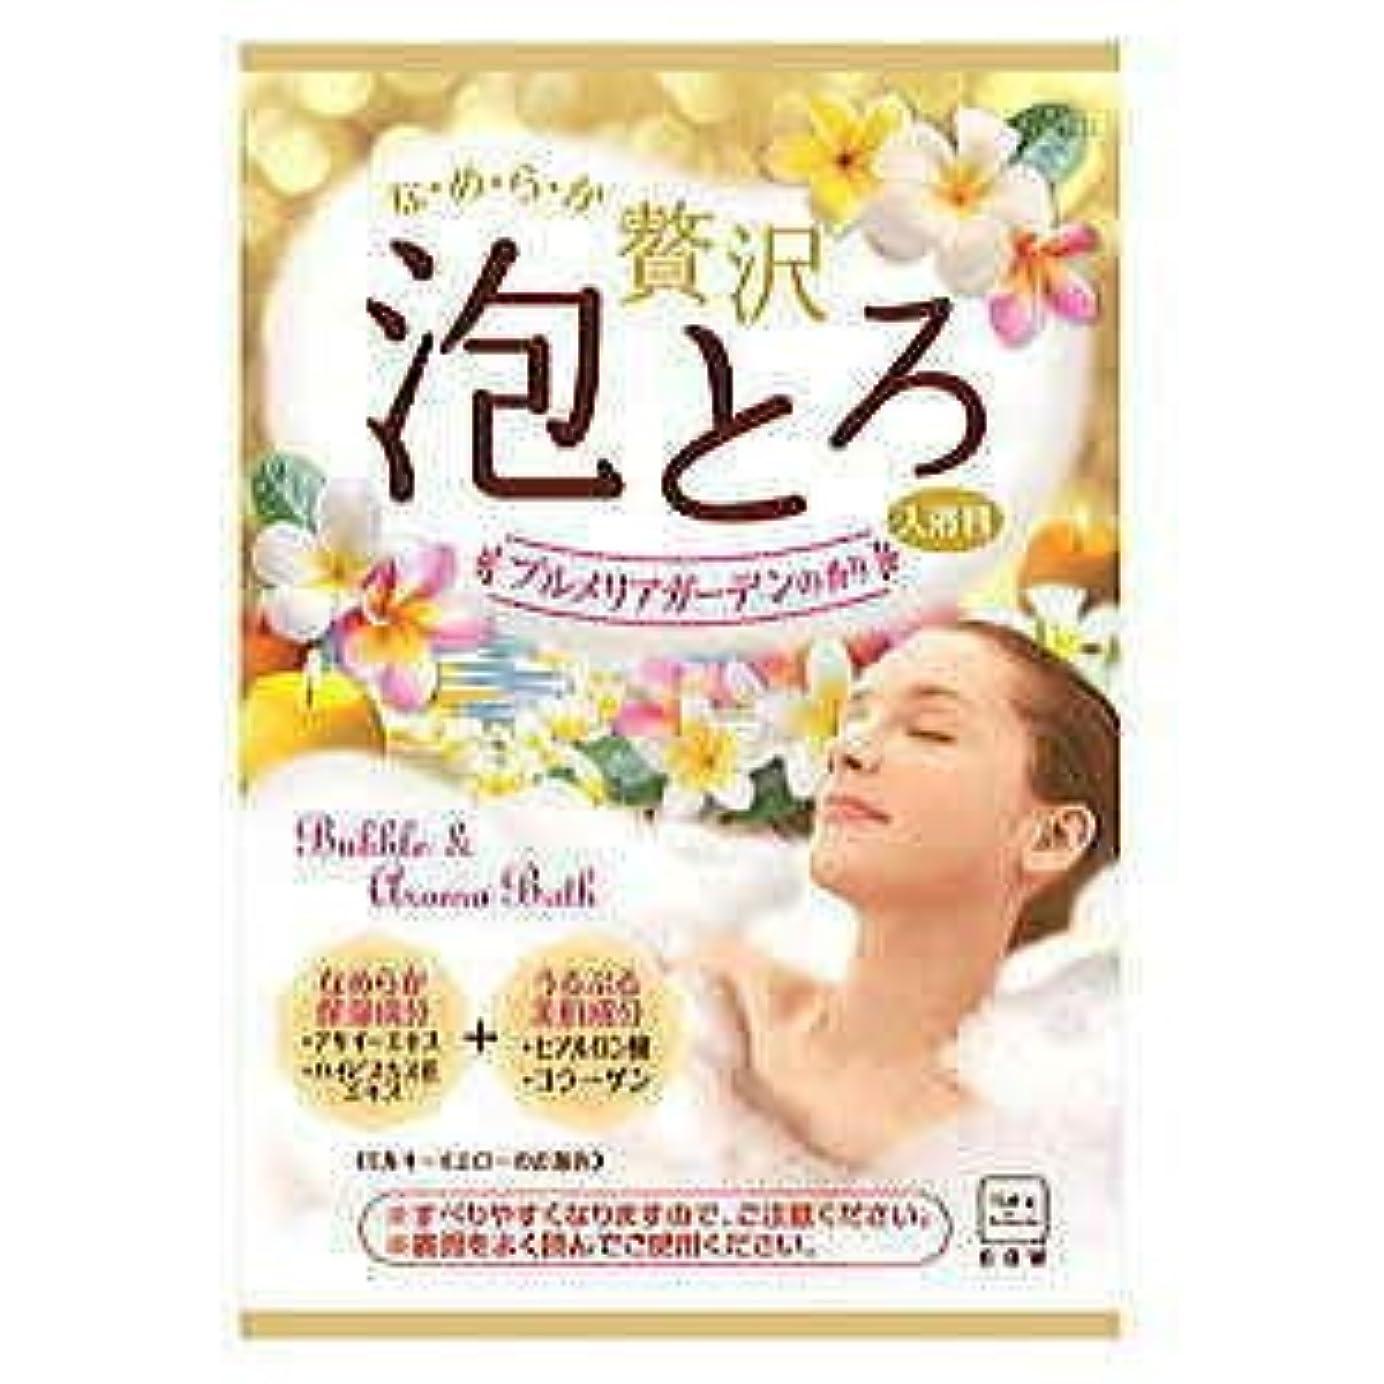 脚通知するエアコン牛乳石鹸 お湯物語 贅沢泡とろ 入浴料 プルメリアガーデン 30g 16個セット